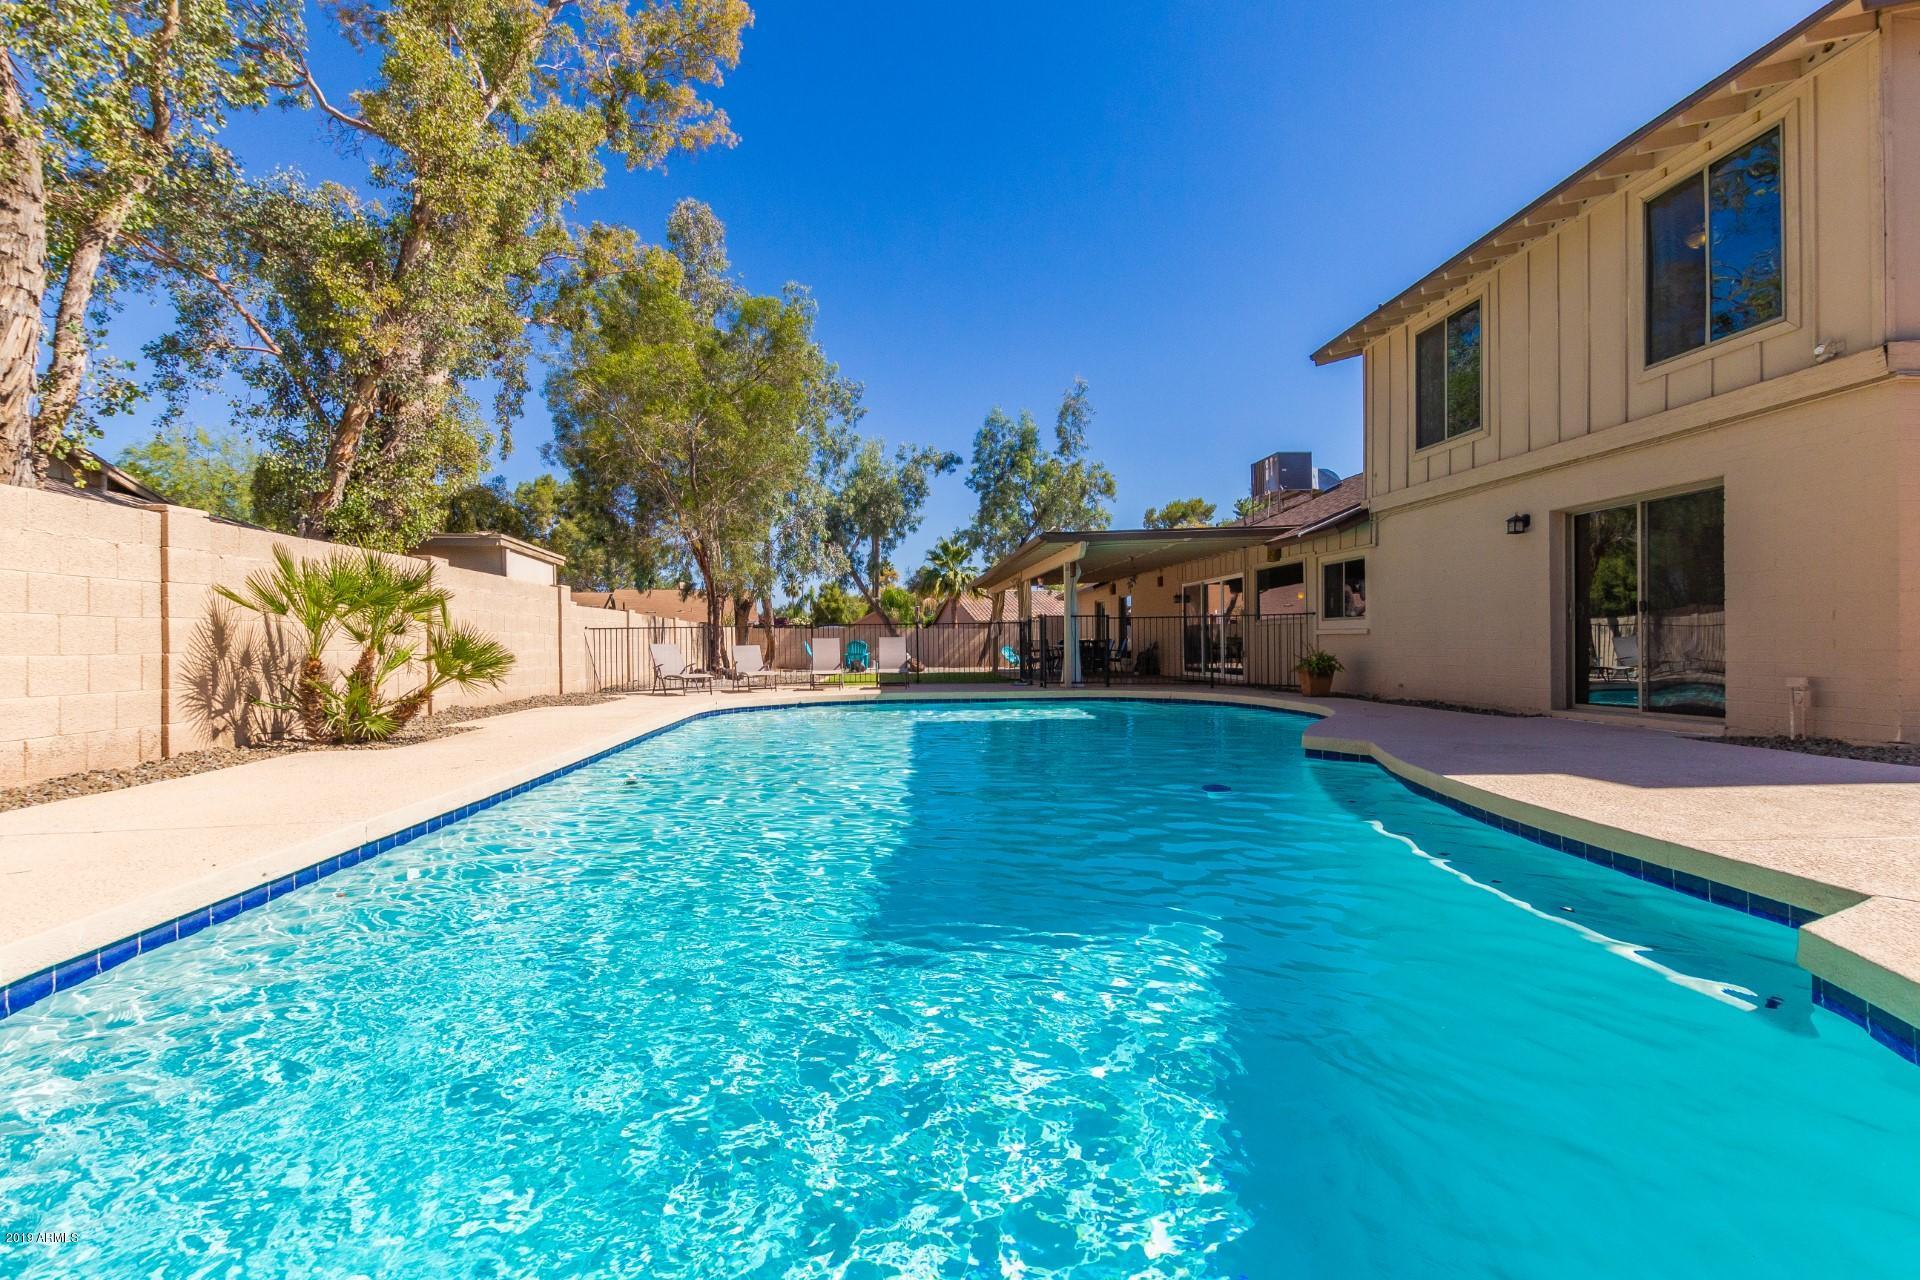 MLS 5934795 12601 N 59TH Place, Scottsdale, AZ 85254 Scottsdale AZ Private Pool